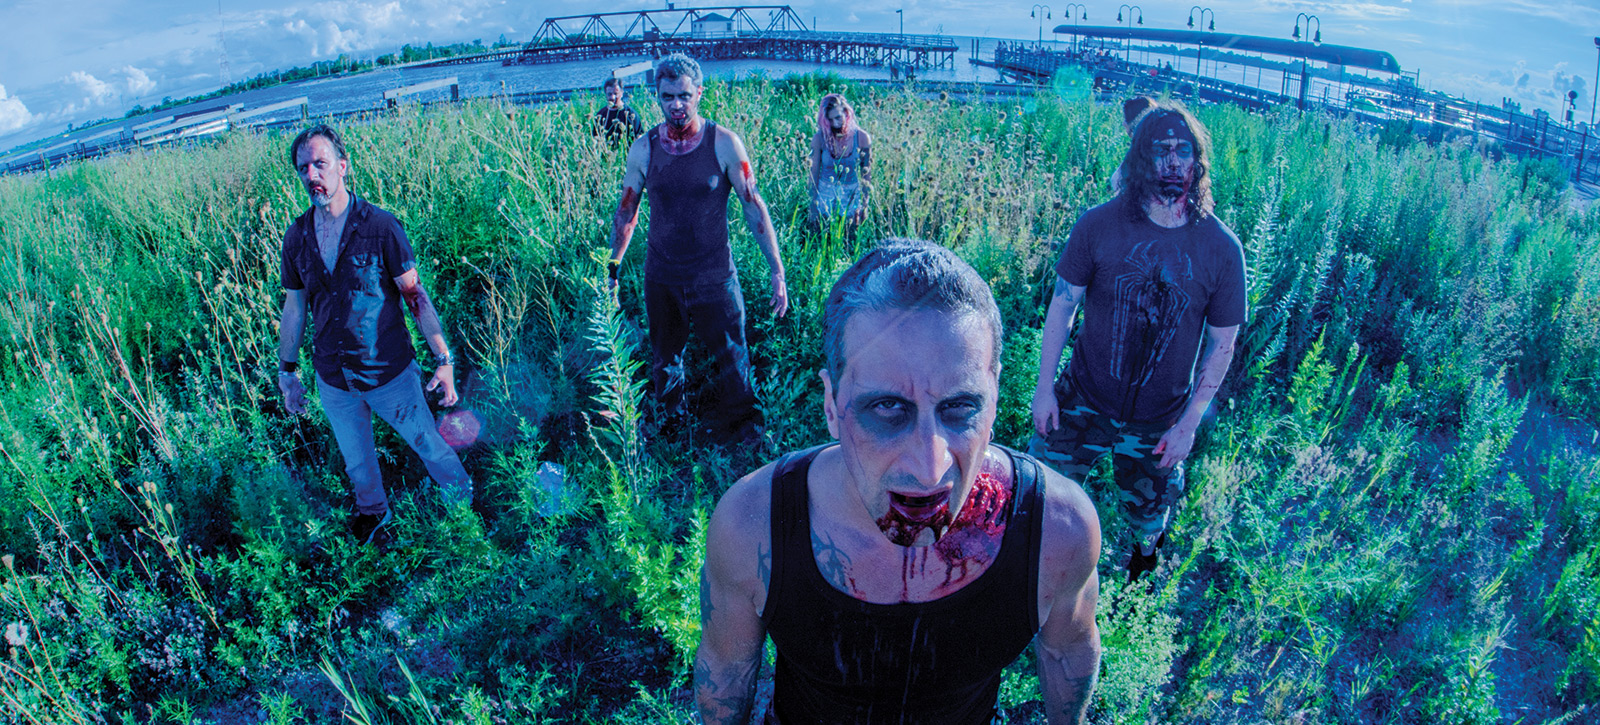 zombie_slide